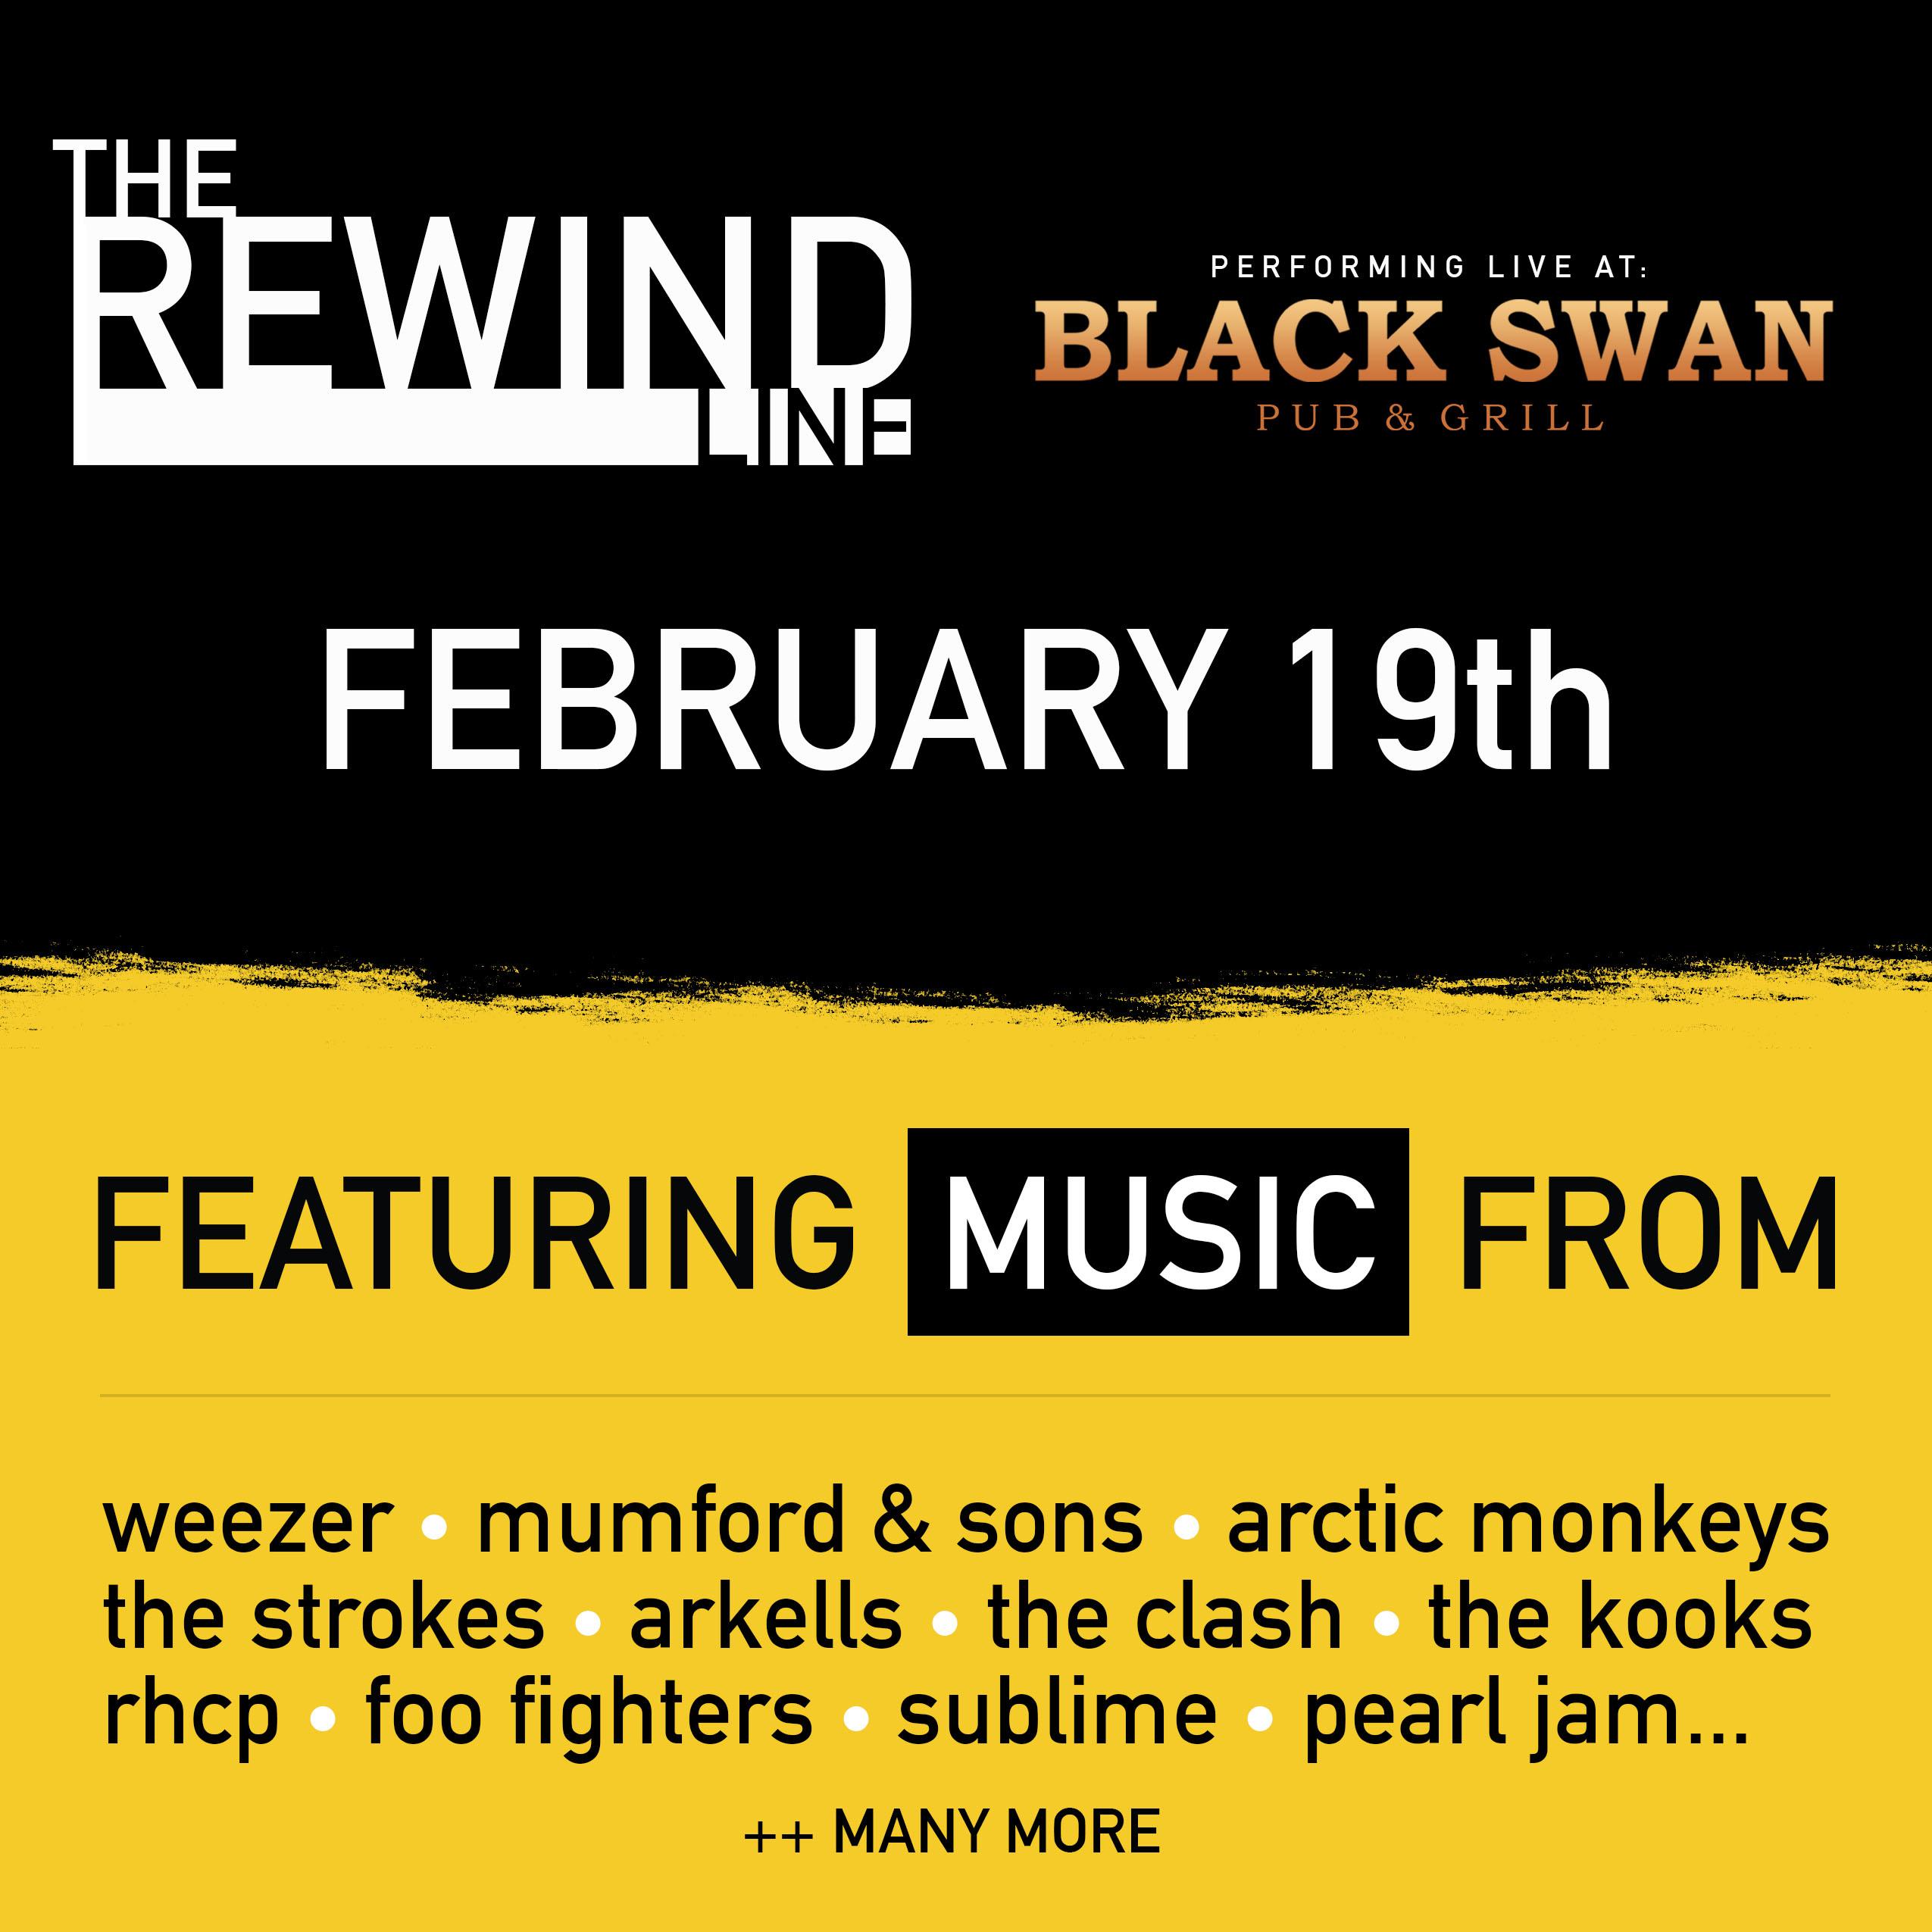 February 19, 2016 Black Swan